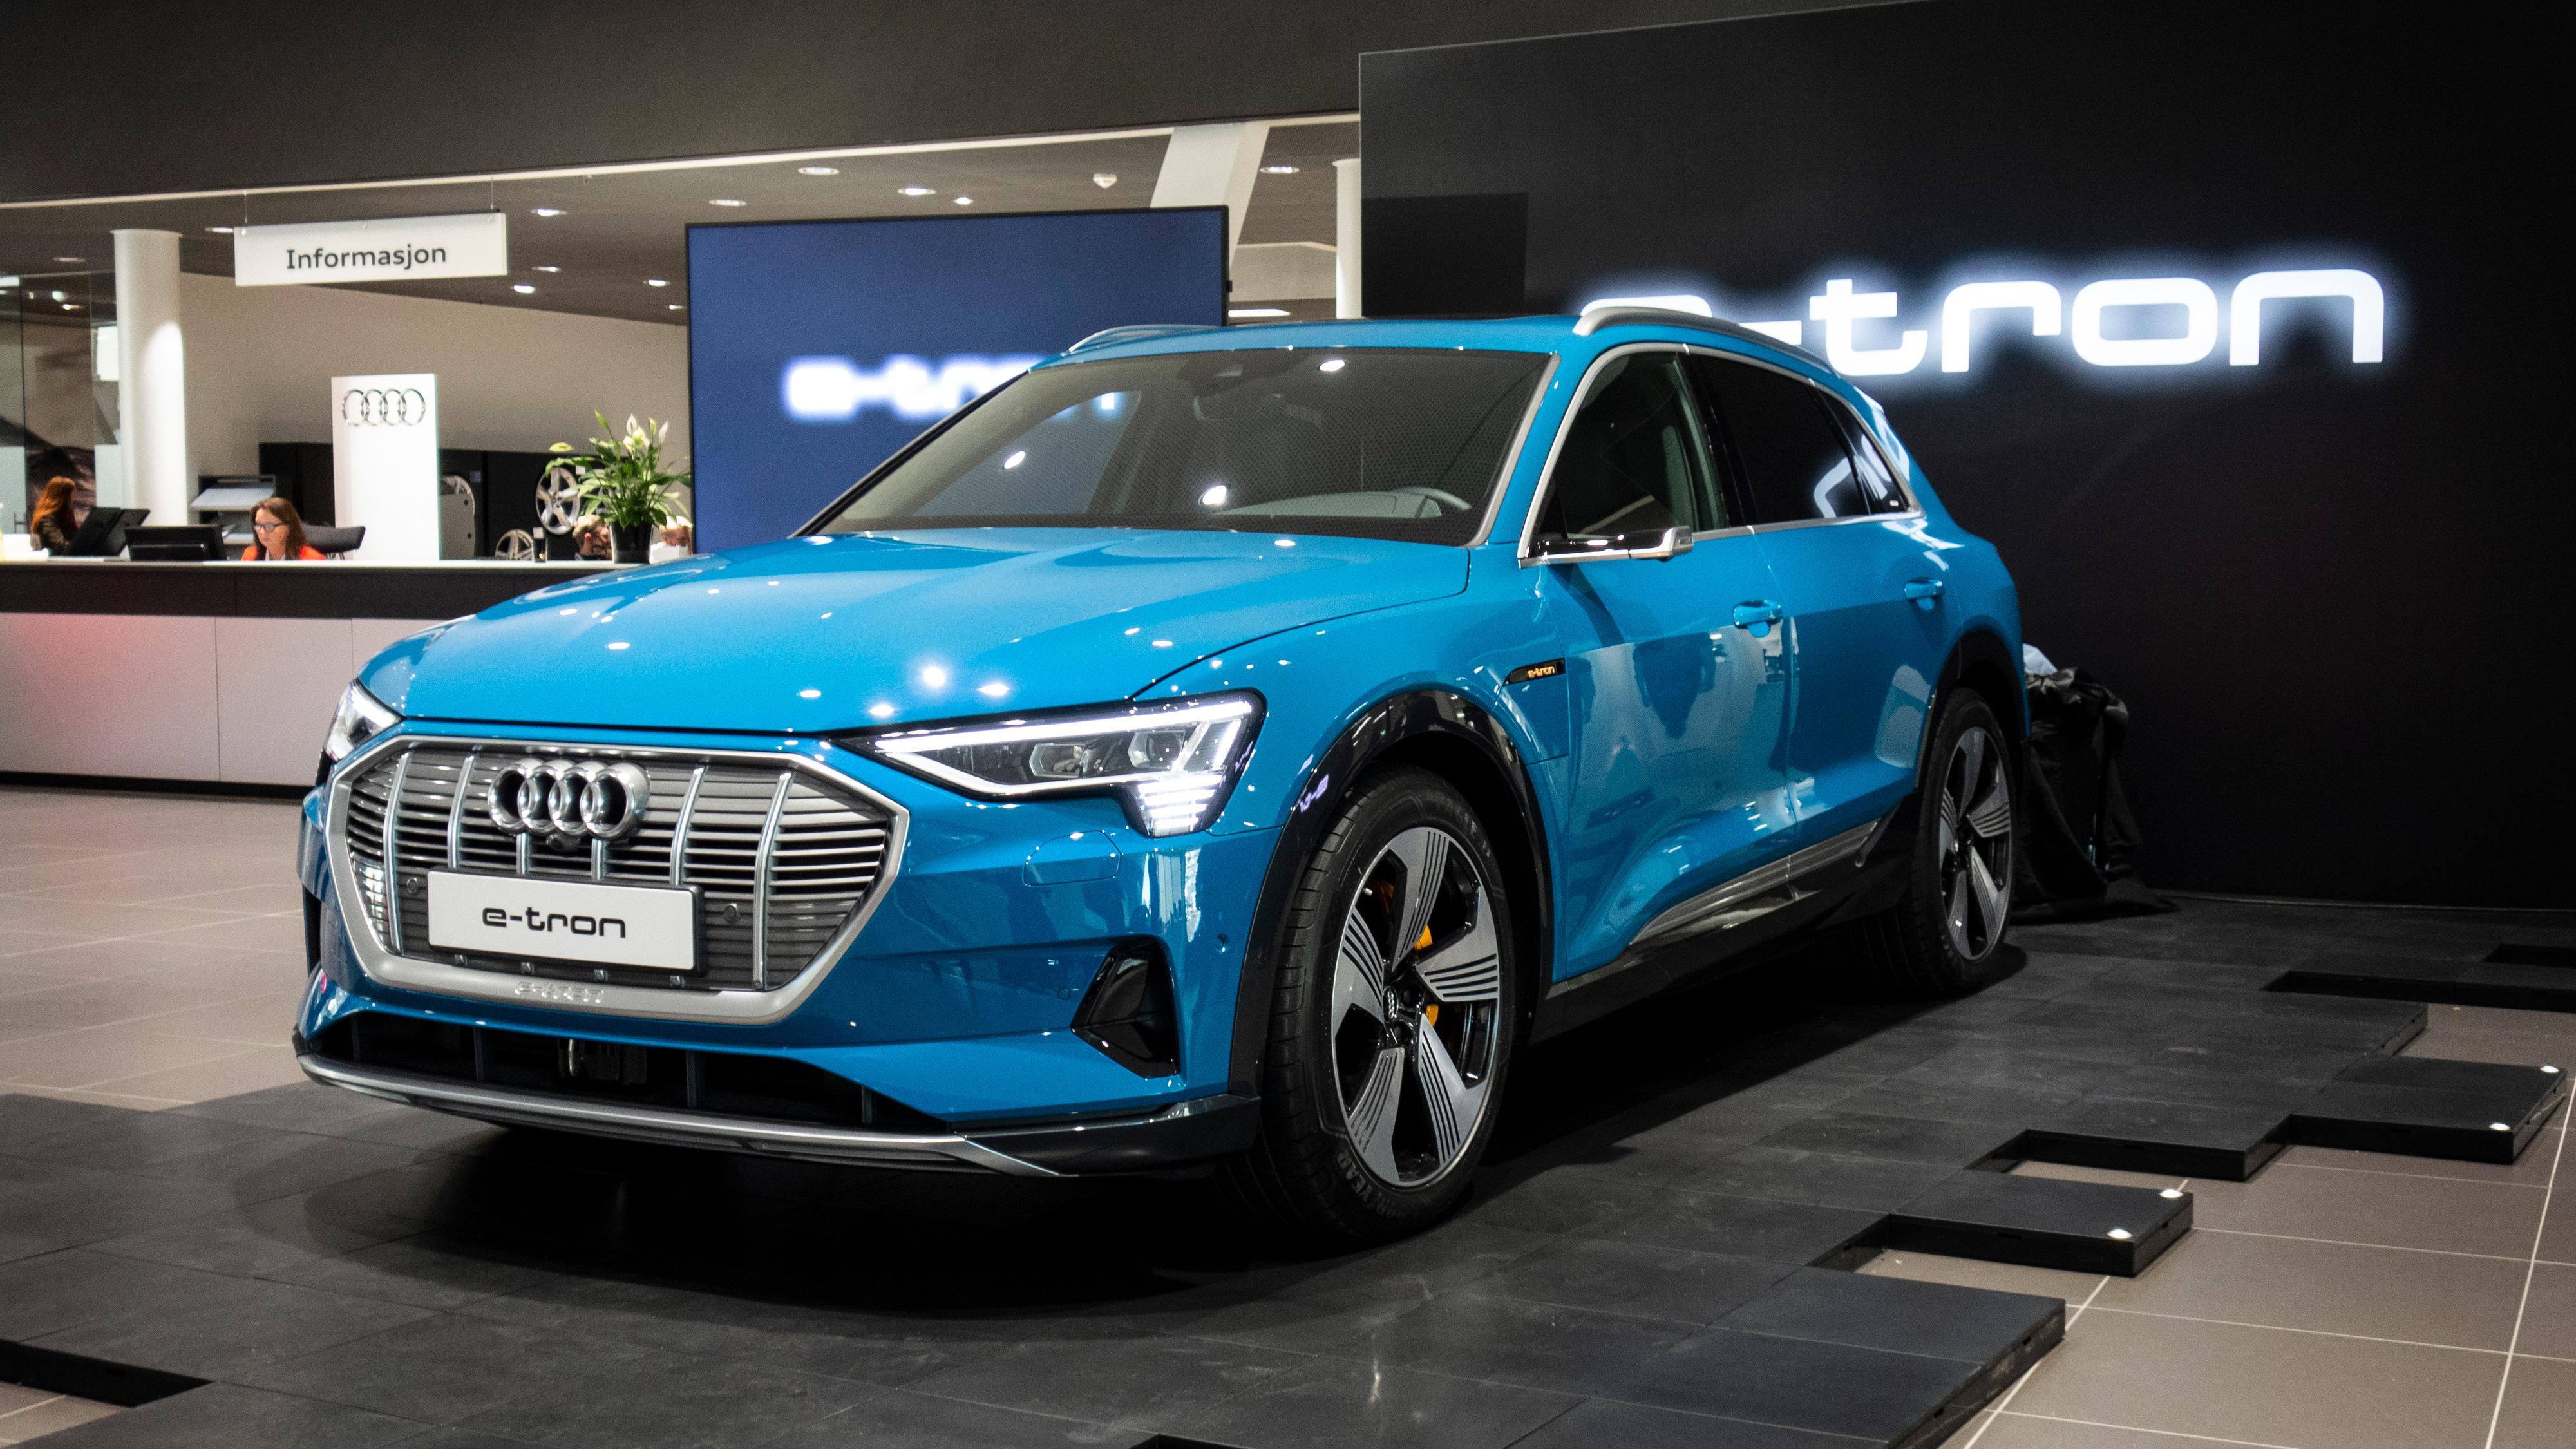 Audi begynte også for alvor å levere e-tron i mars. Over 500 biler er registrert.